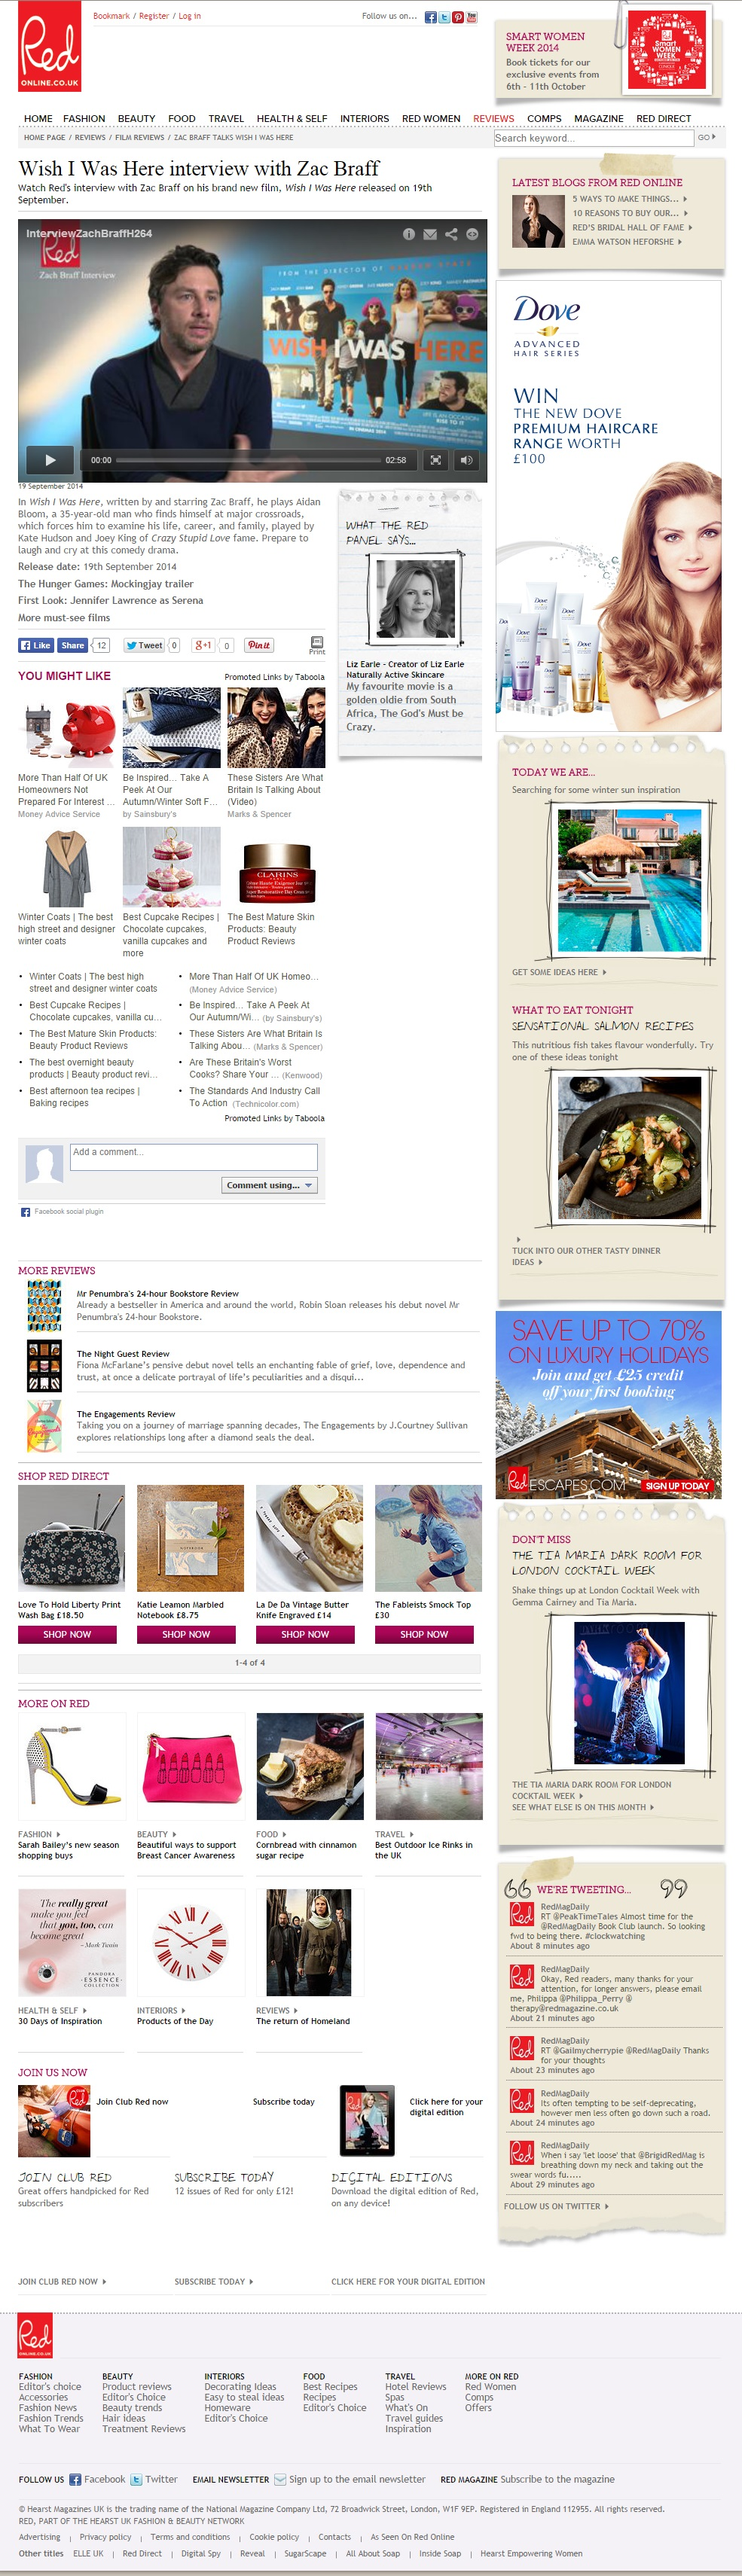 screencapture-www-redonline-co-uk-reviews-film-reviews-zac-braff-wish-i-was-here